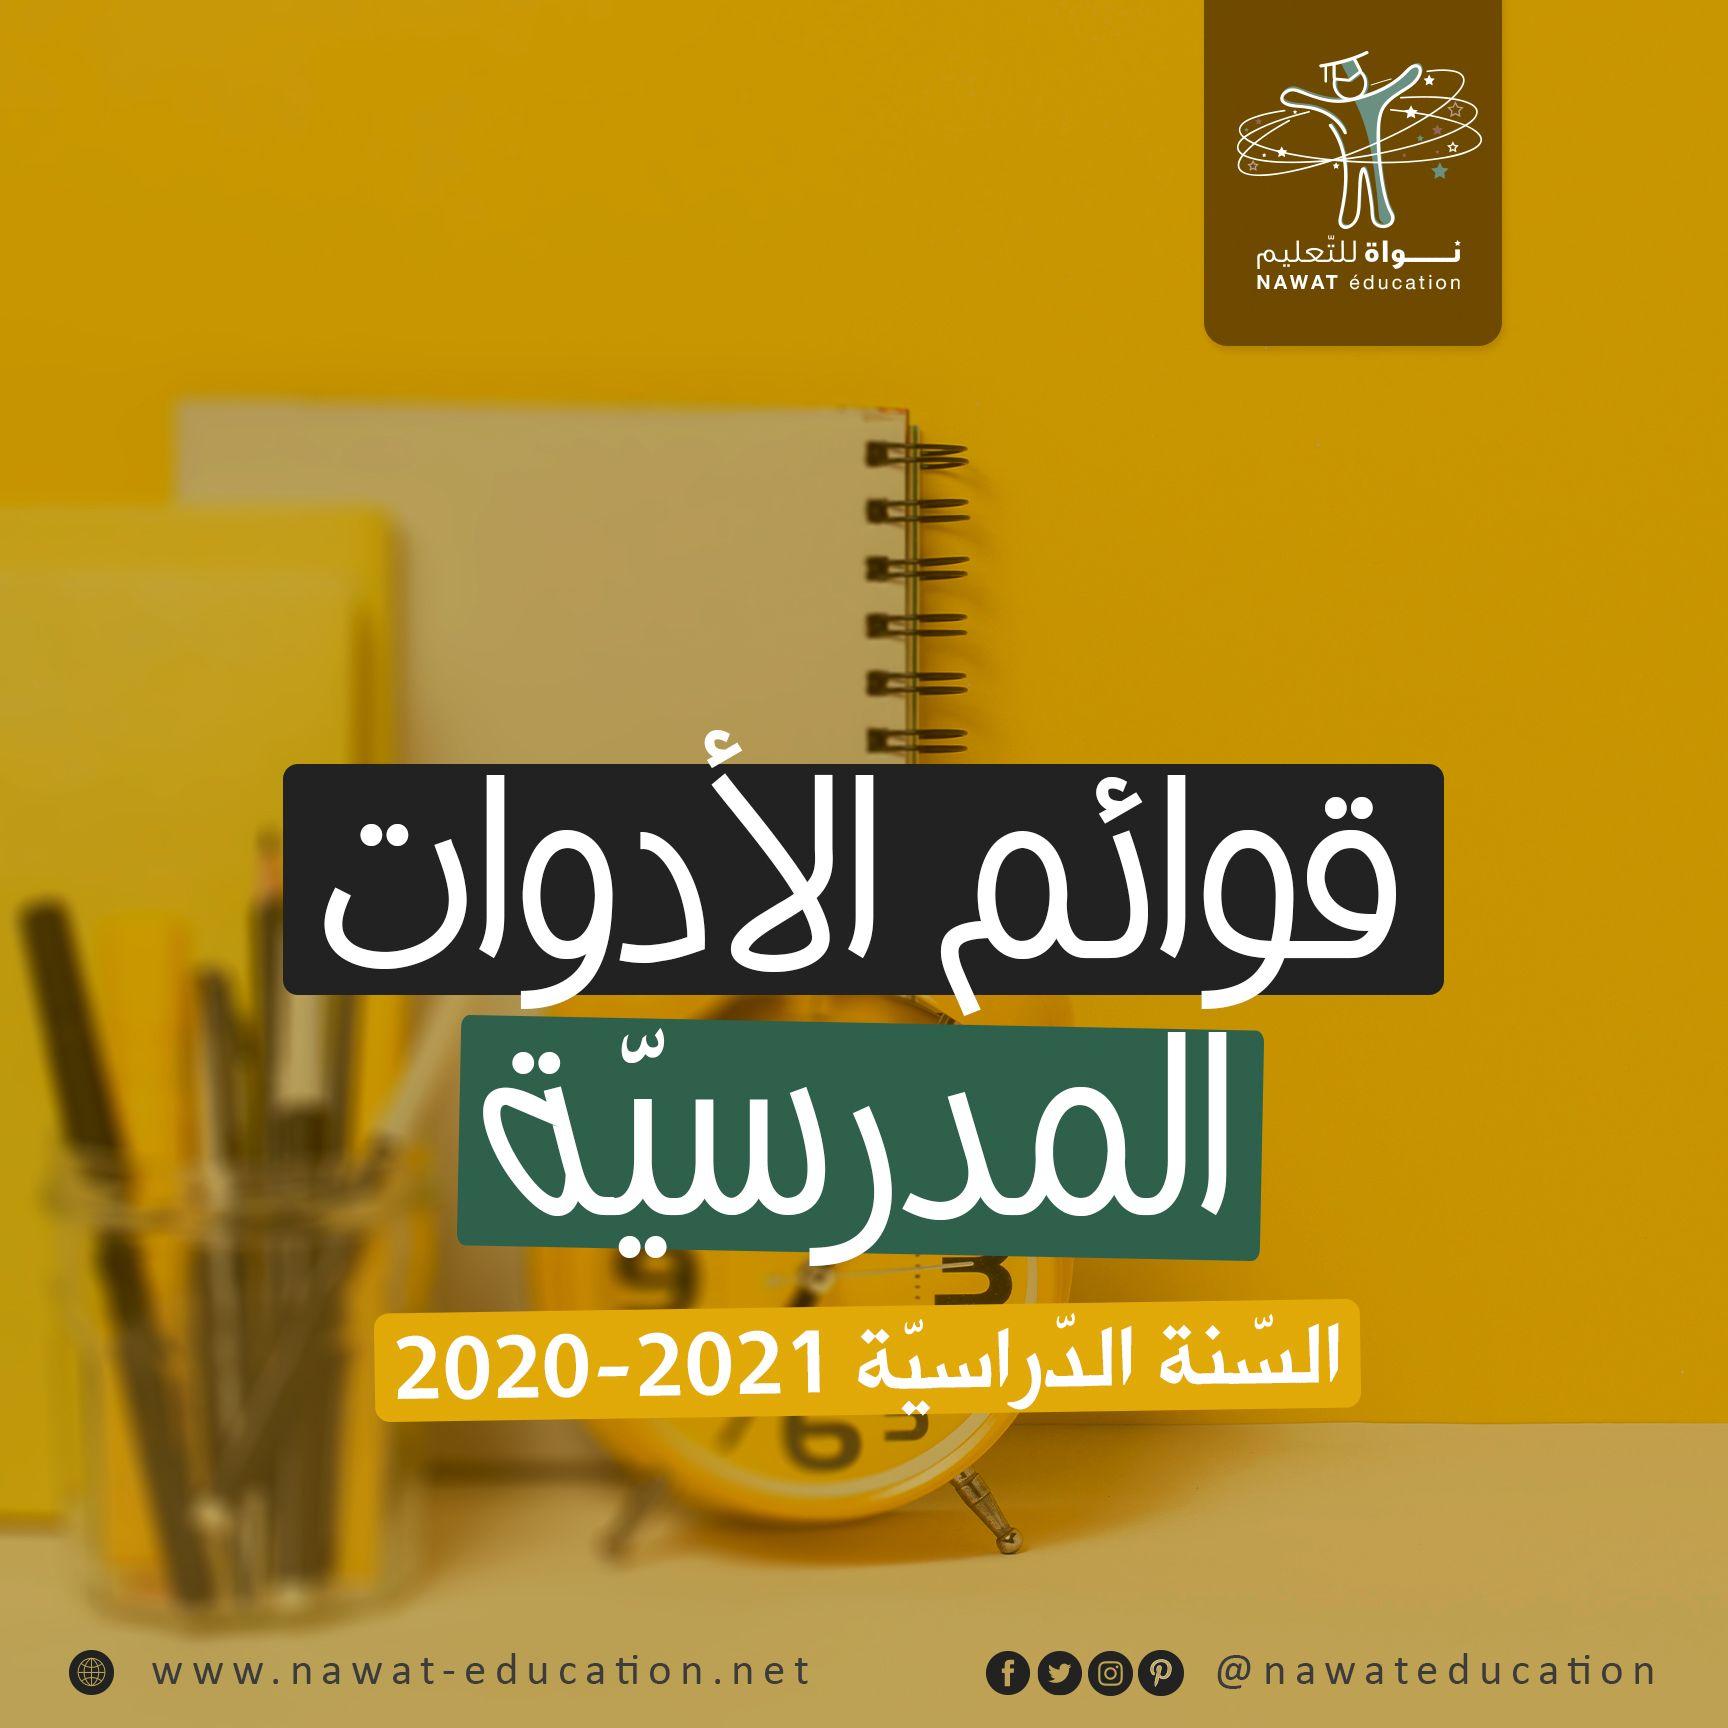 مشتريات المدرسة قائمة الأدوات المدرسية Tech Company Logos Company Logo Logos